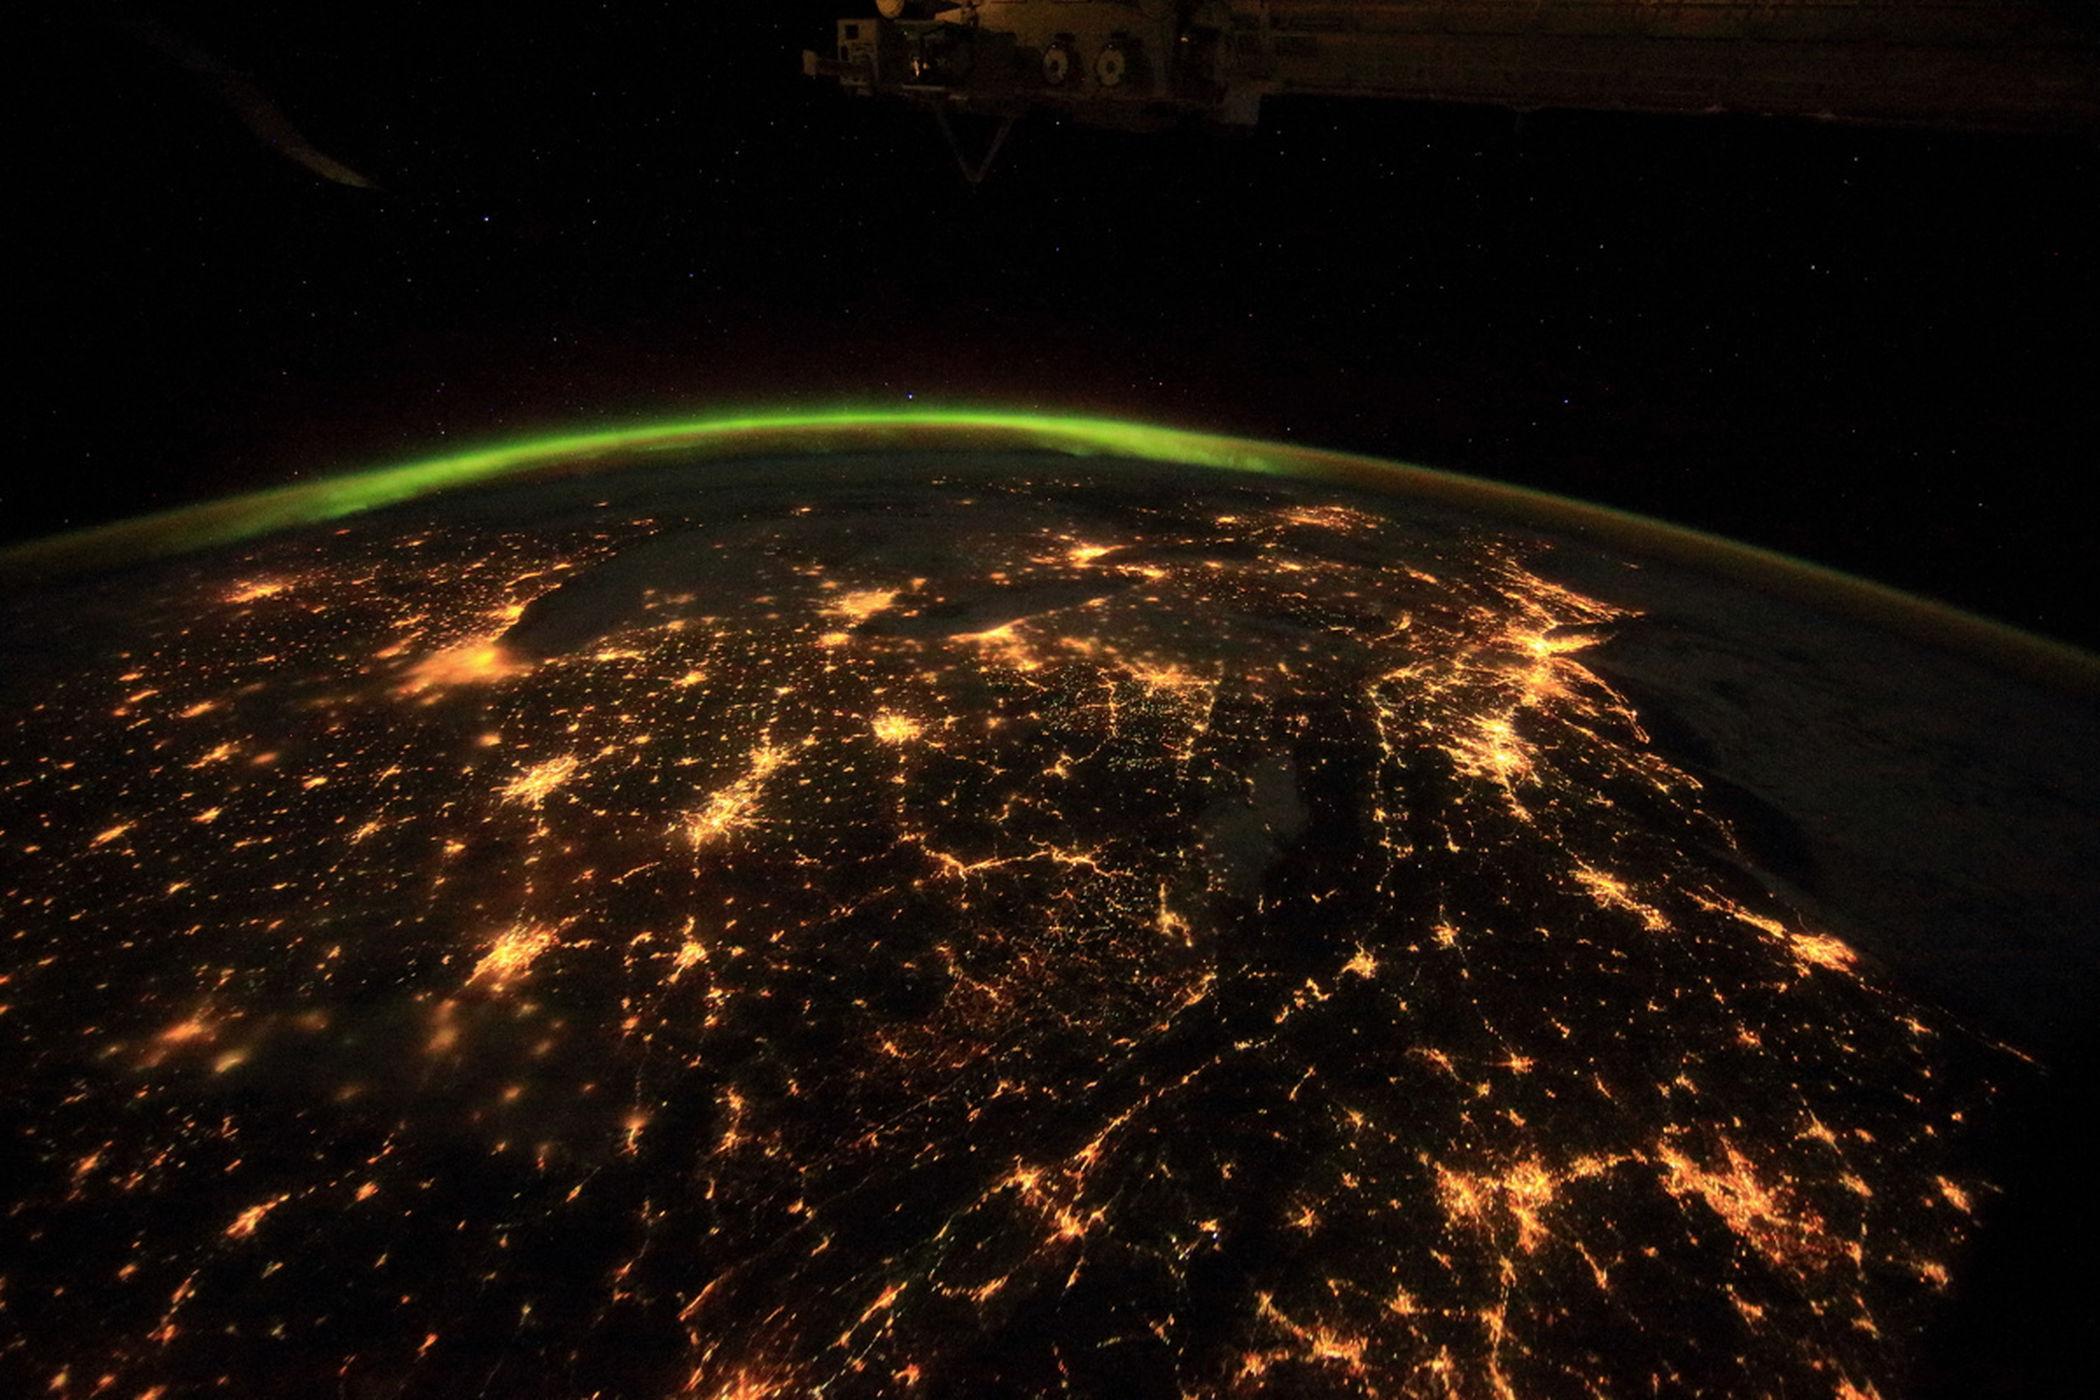 چه نقاطی از زمین از فضا قابل مشاهده است: شهرها در شب